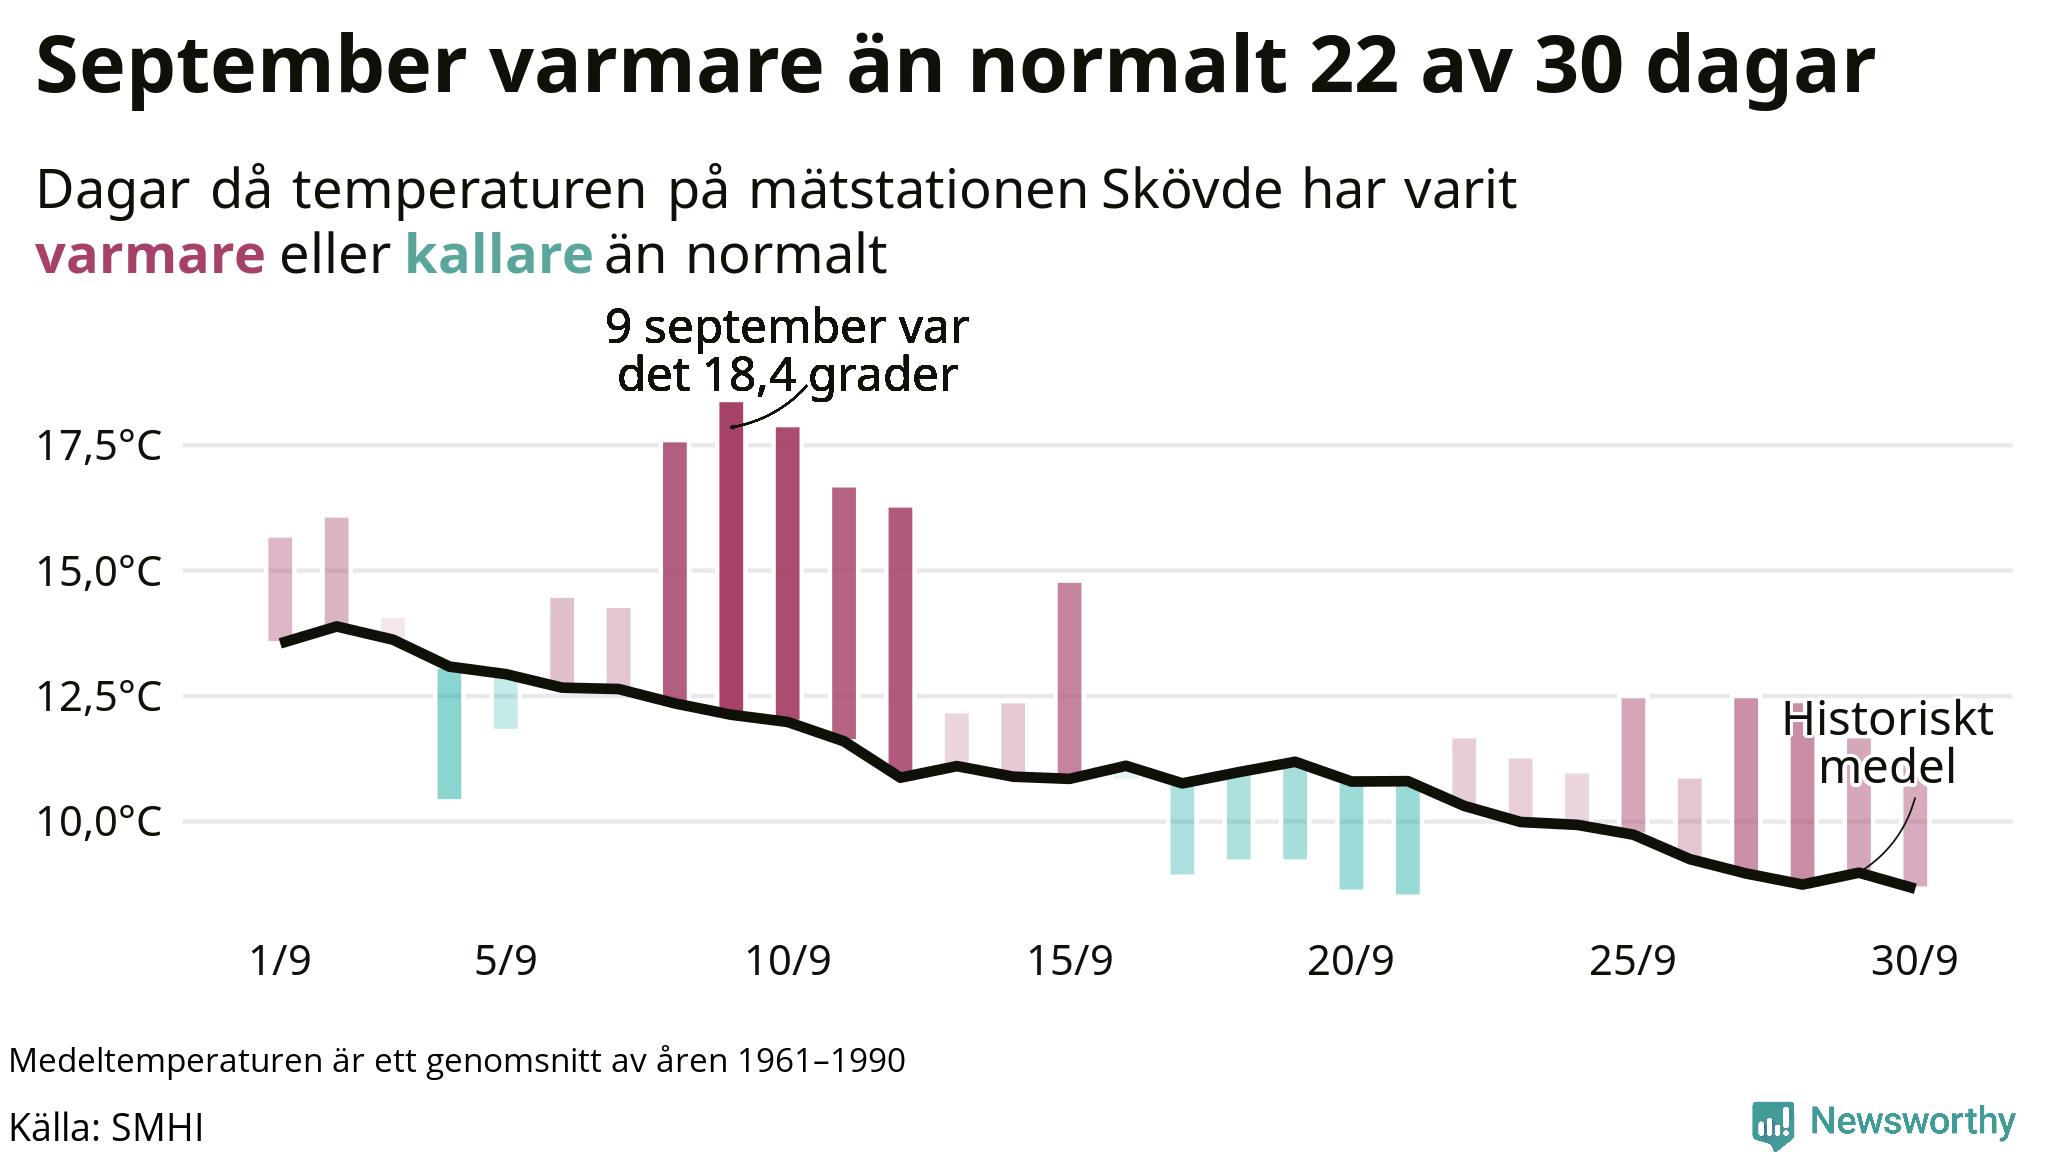 Graf: Temperaturen dag för dag i september vid Skövde mätstation